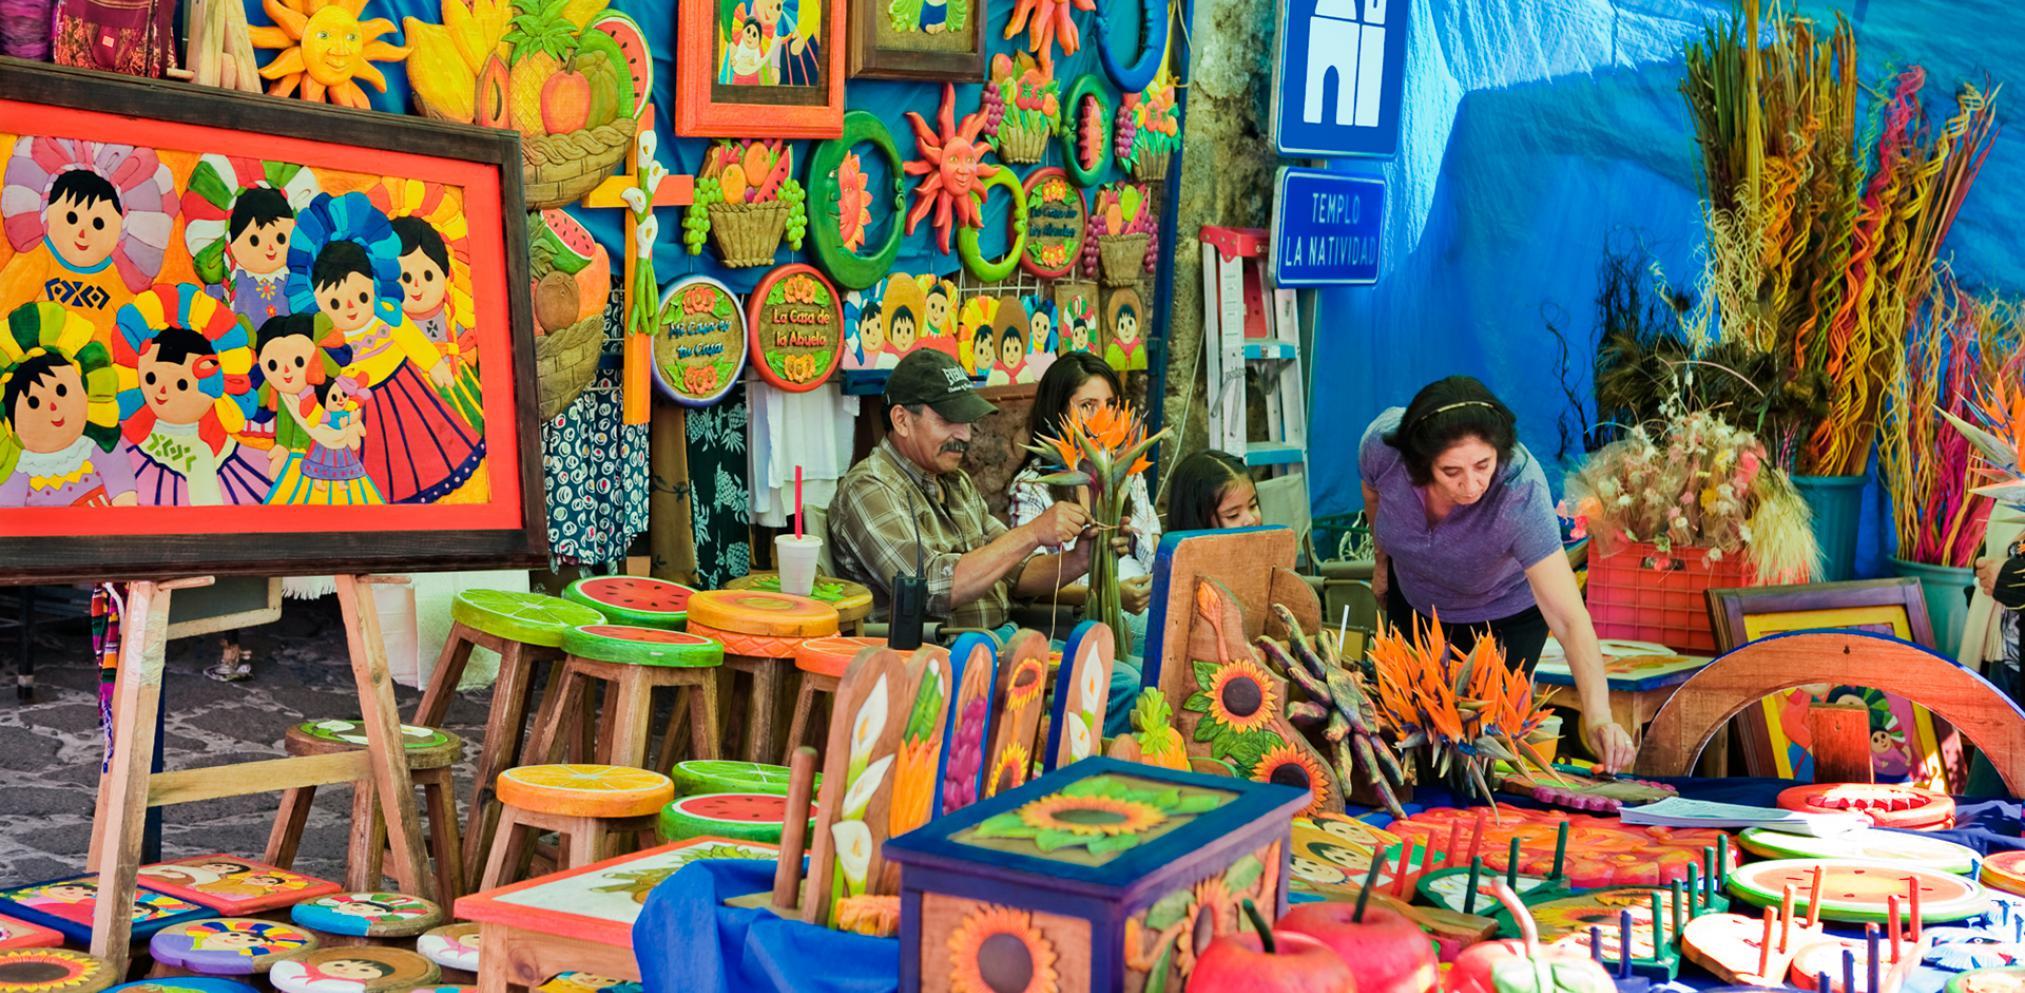 actividades-principales_morelos_tepoztlan_visita-tepoztlan-dominguea-en-el-tianguis-de-tepoztlan_02.jpg